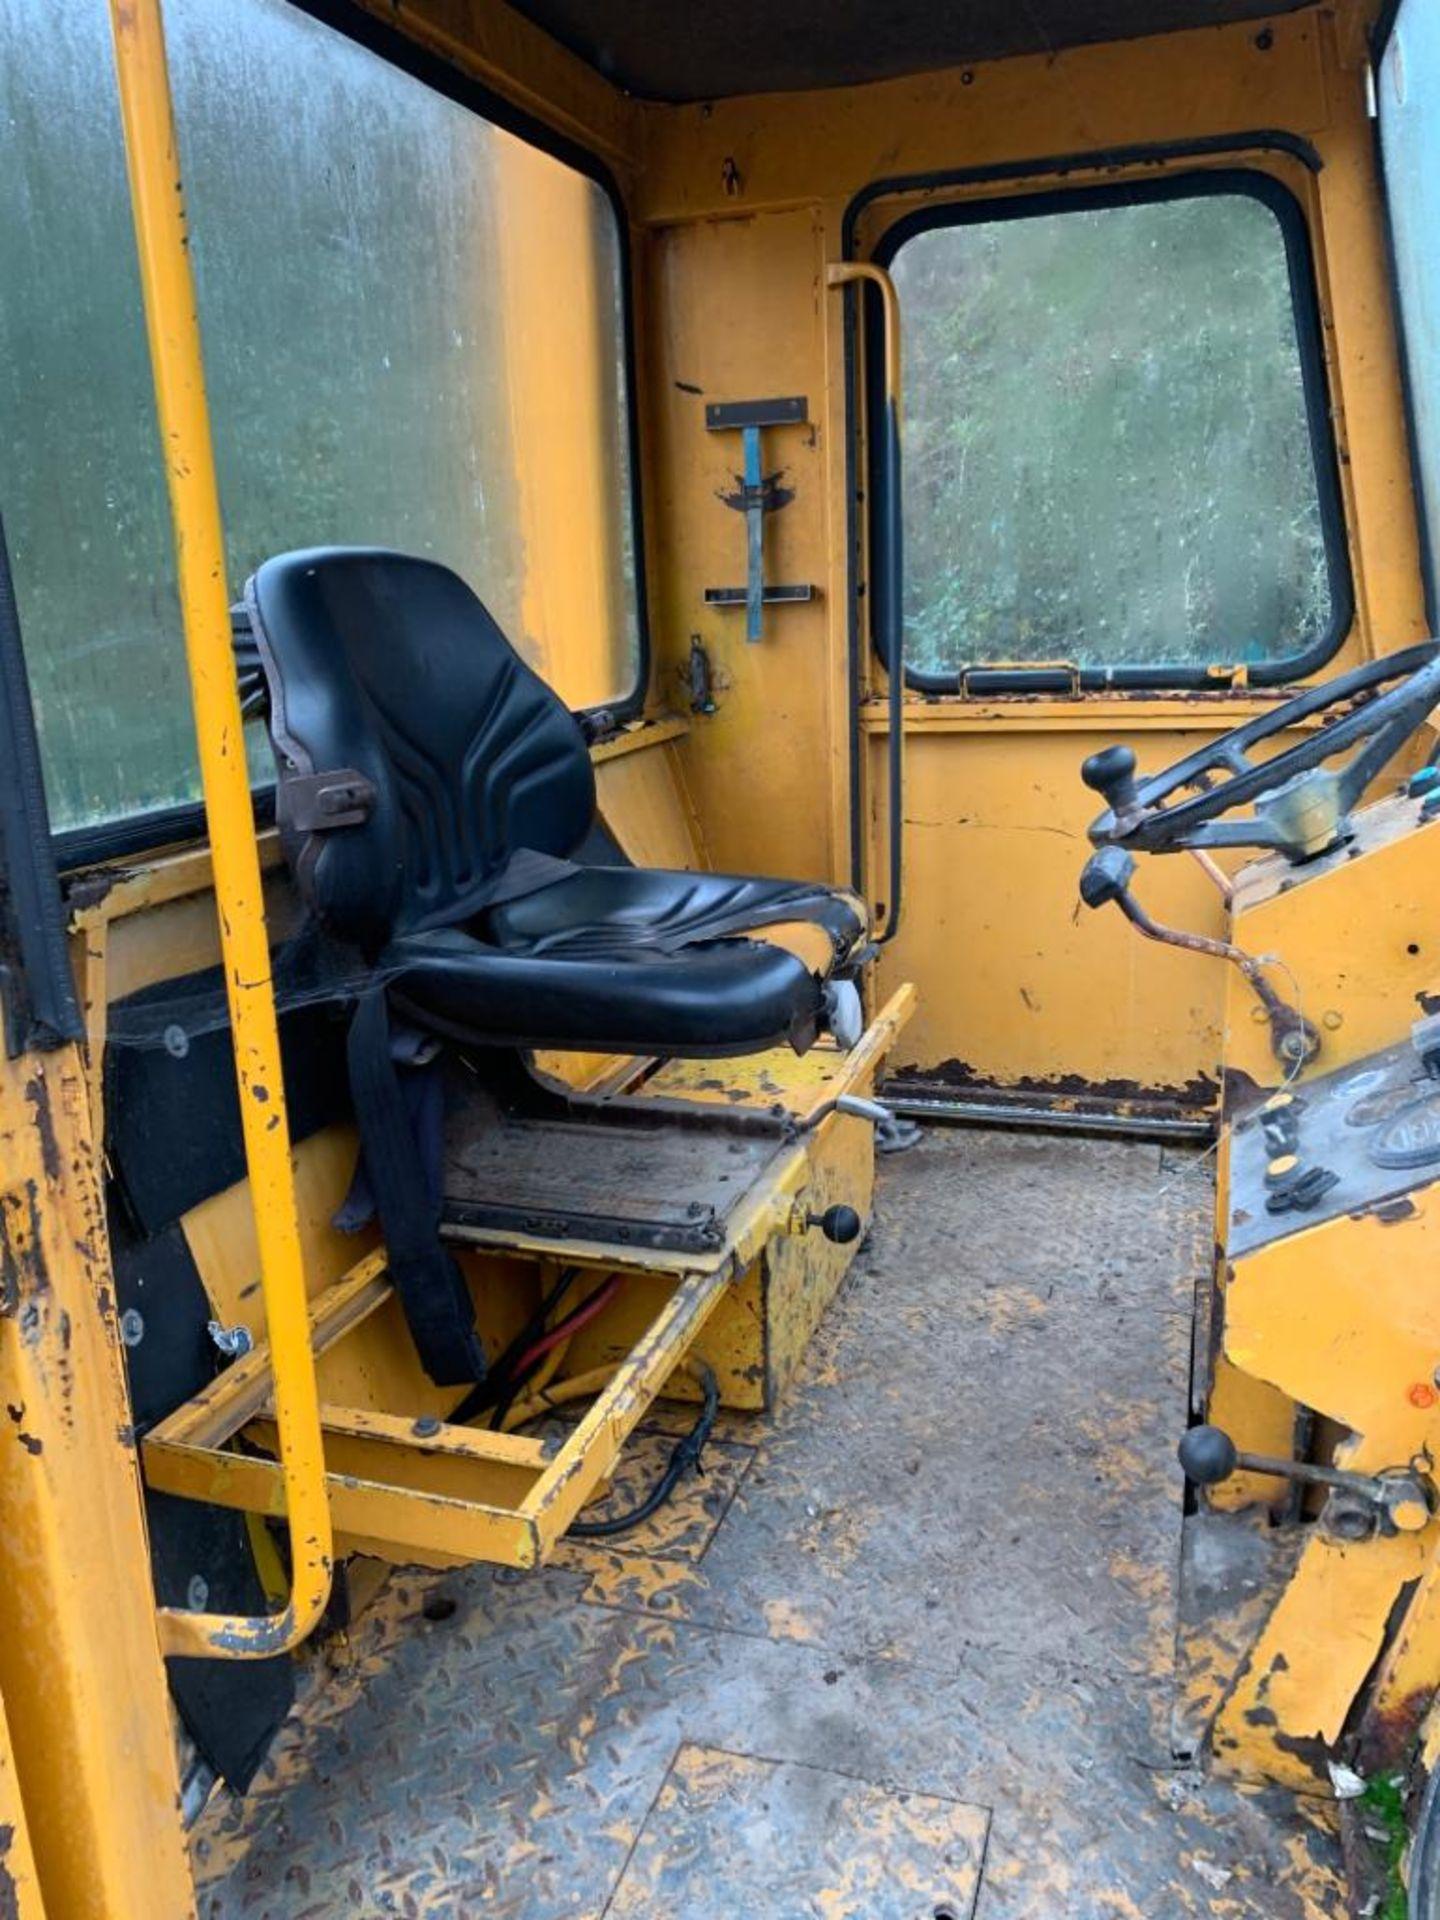 Lot 192 - VIBROMAX 752 VIBRATING ROLLER, STARTS, DRIVES AND VIBRATES *PLUS VAT*